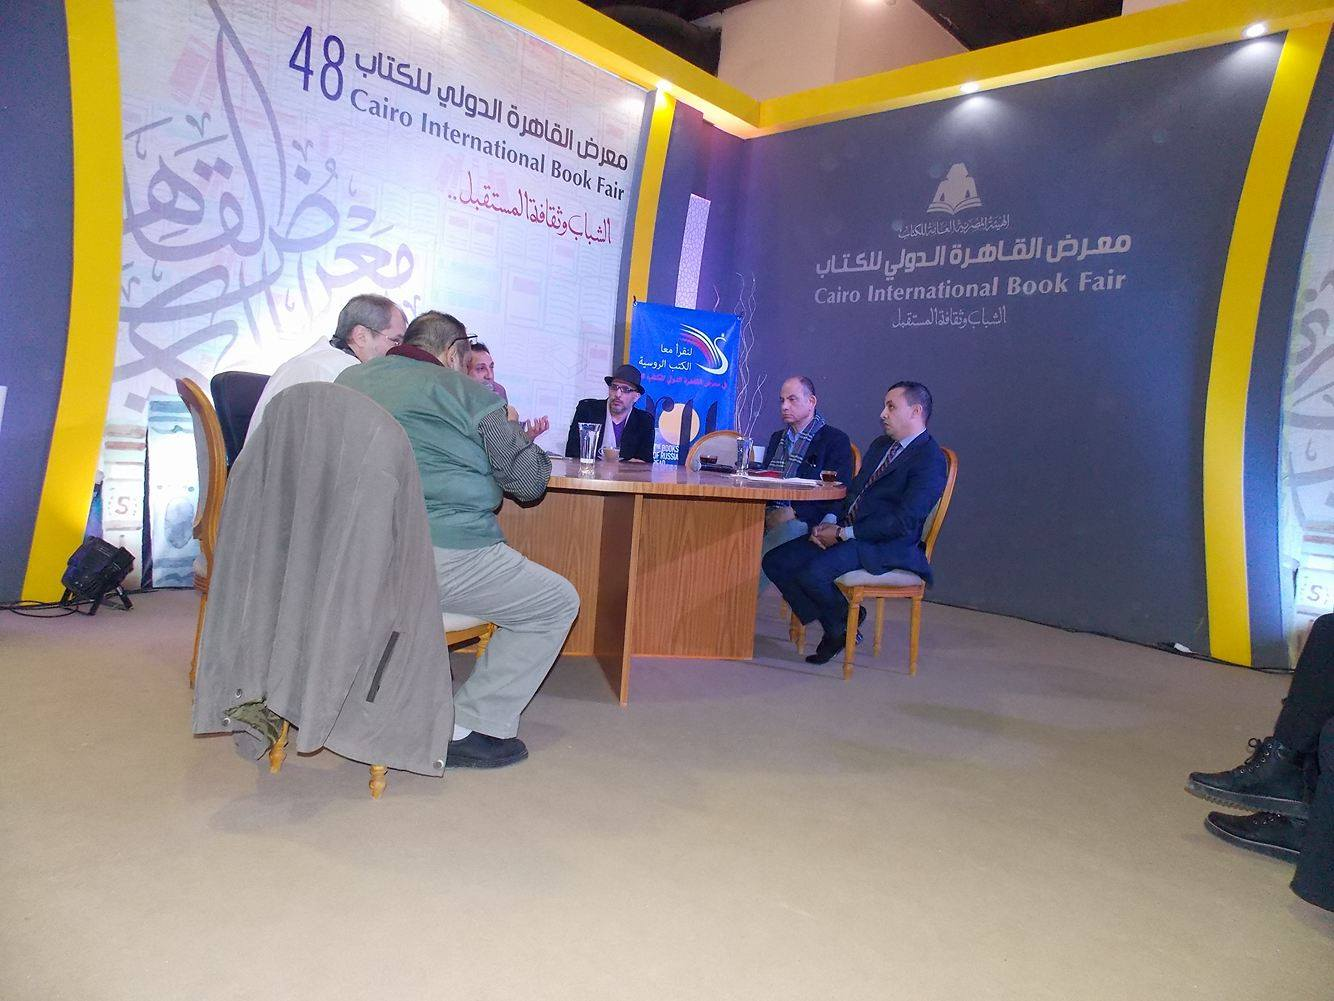 مائدة مستديرة لشرح الكتب المترجمة في الجناح الروسي بمعرض القاهرة الدولي للكتاب